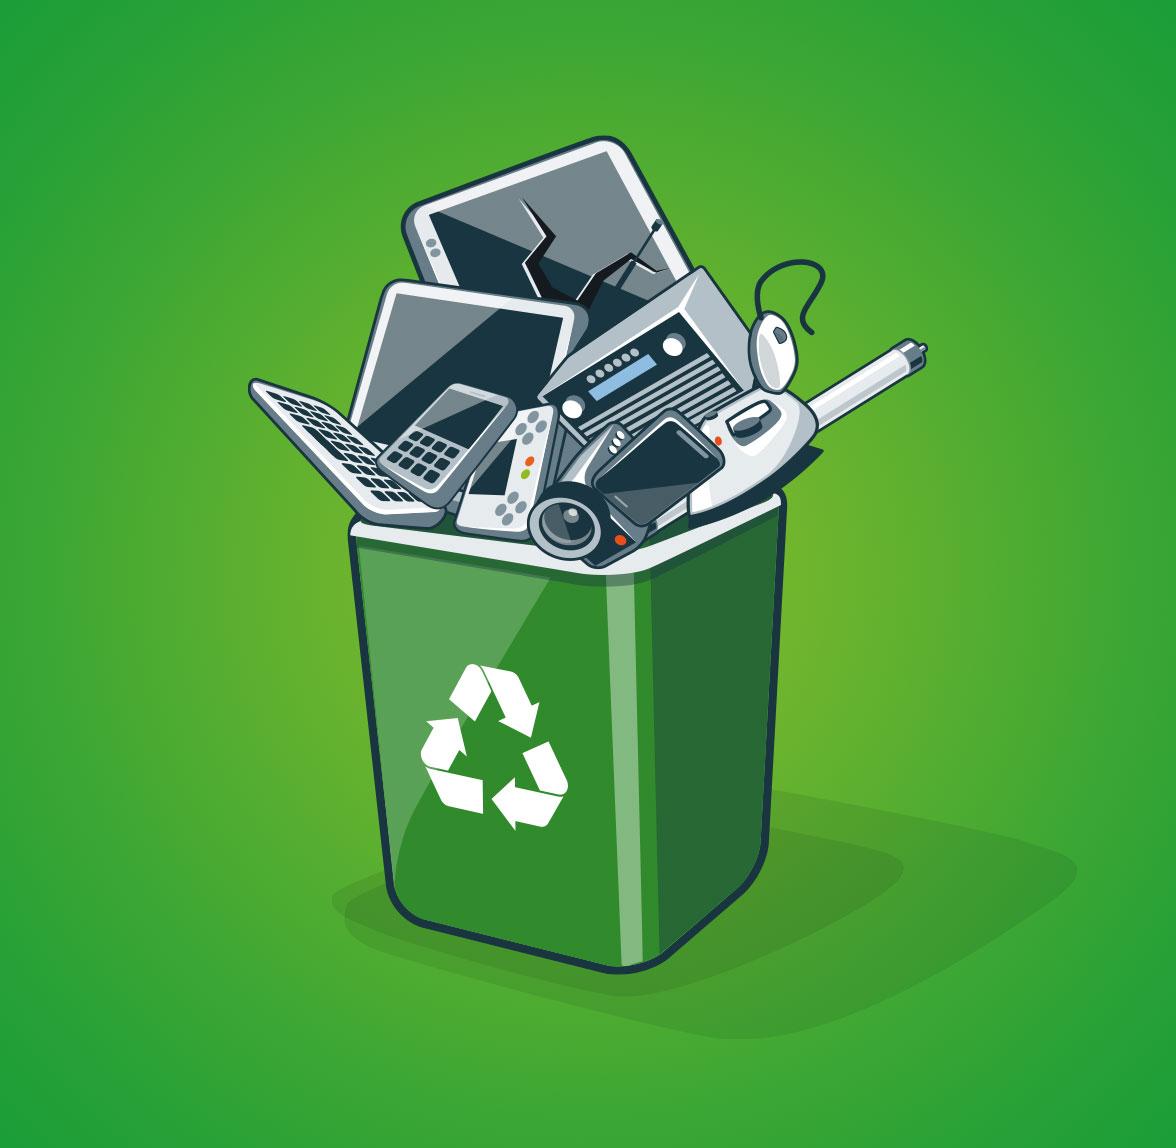 Reciclaje contenedor electrónico